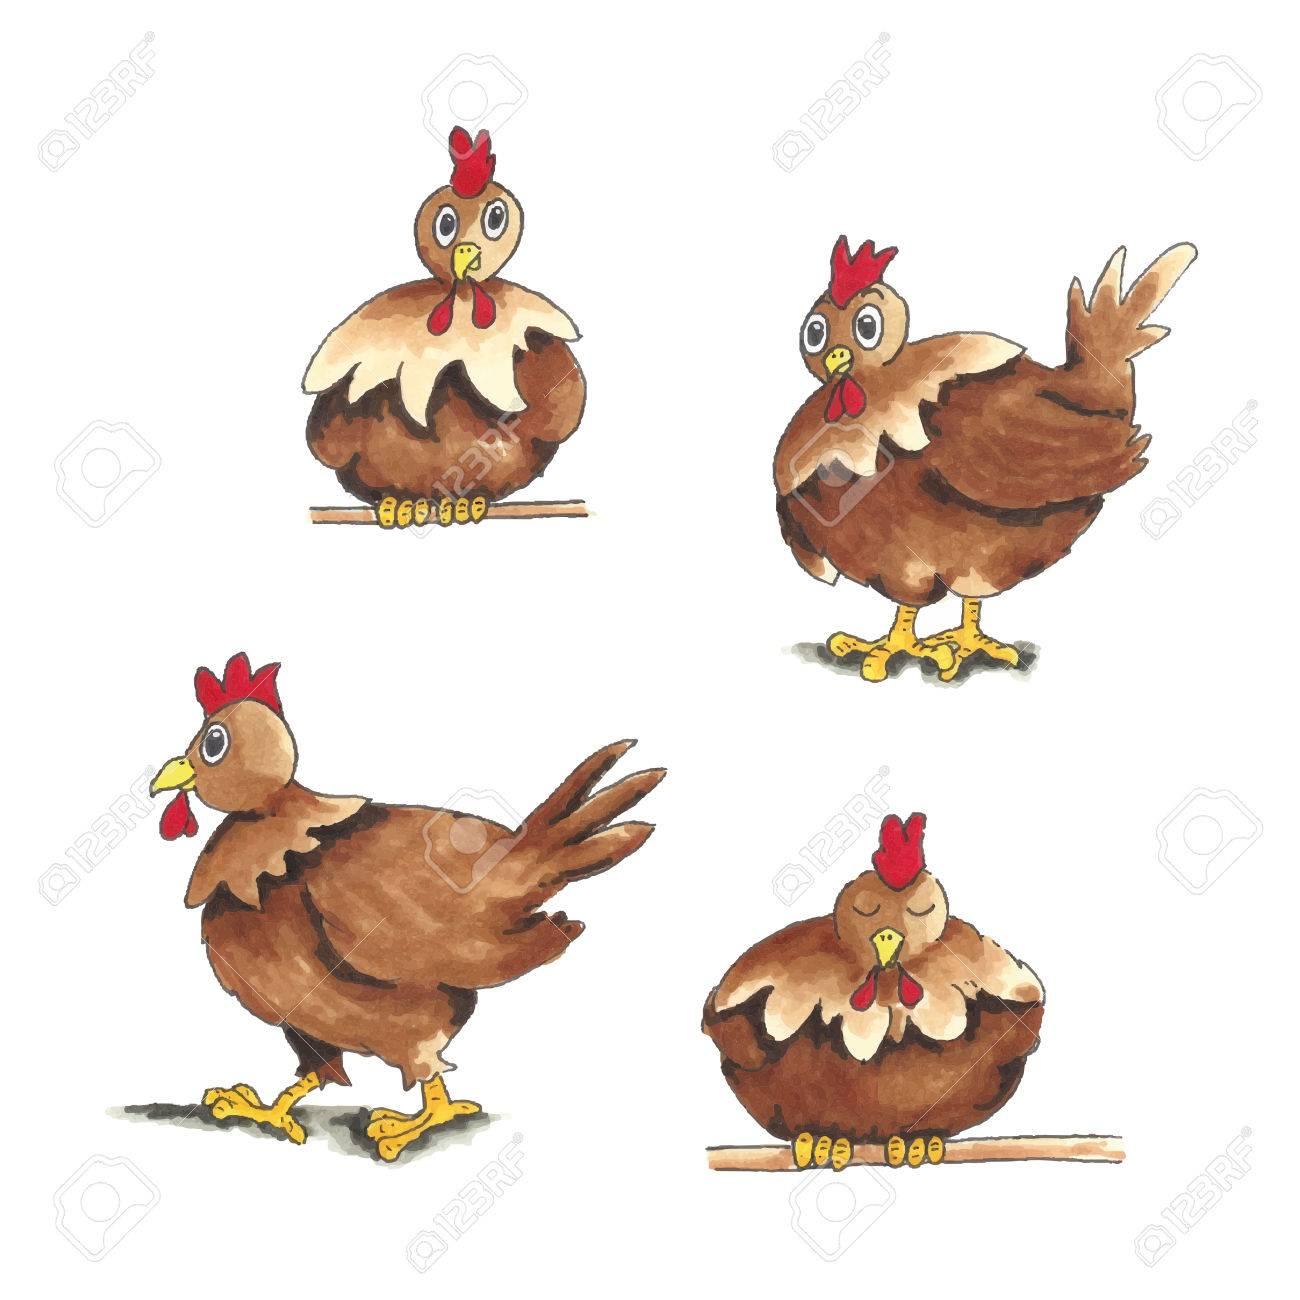 Divertido Pollo De Dibujos Animados De Color Marrón Aislado Sobre ...